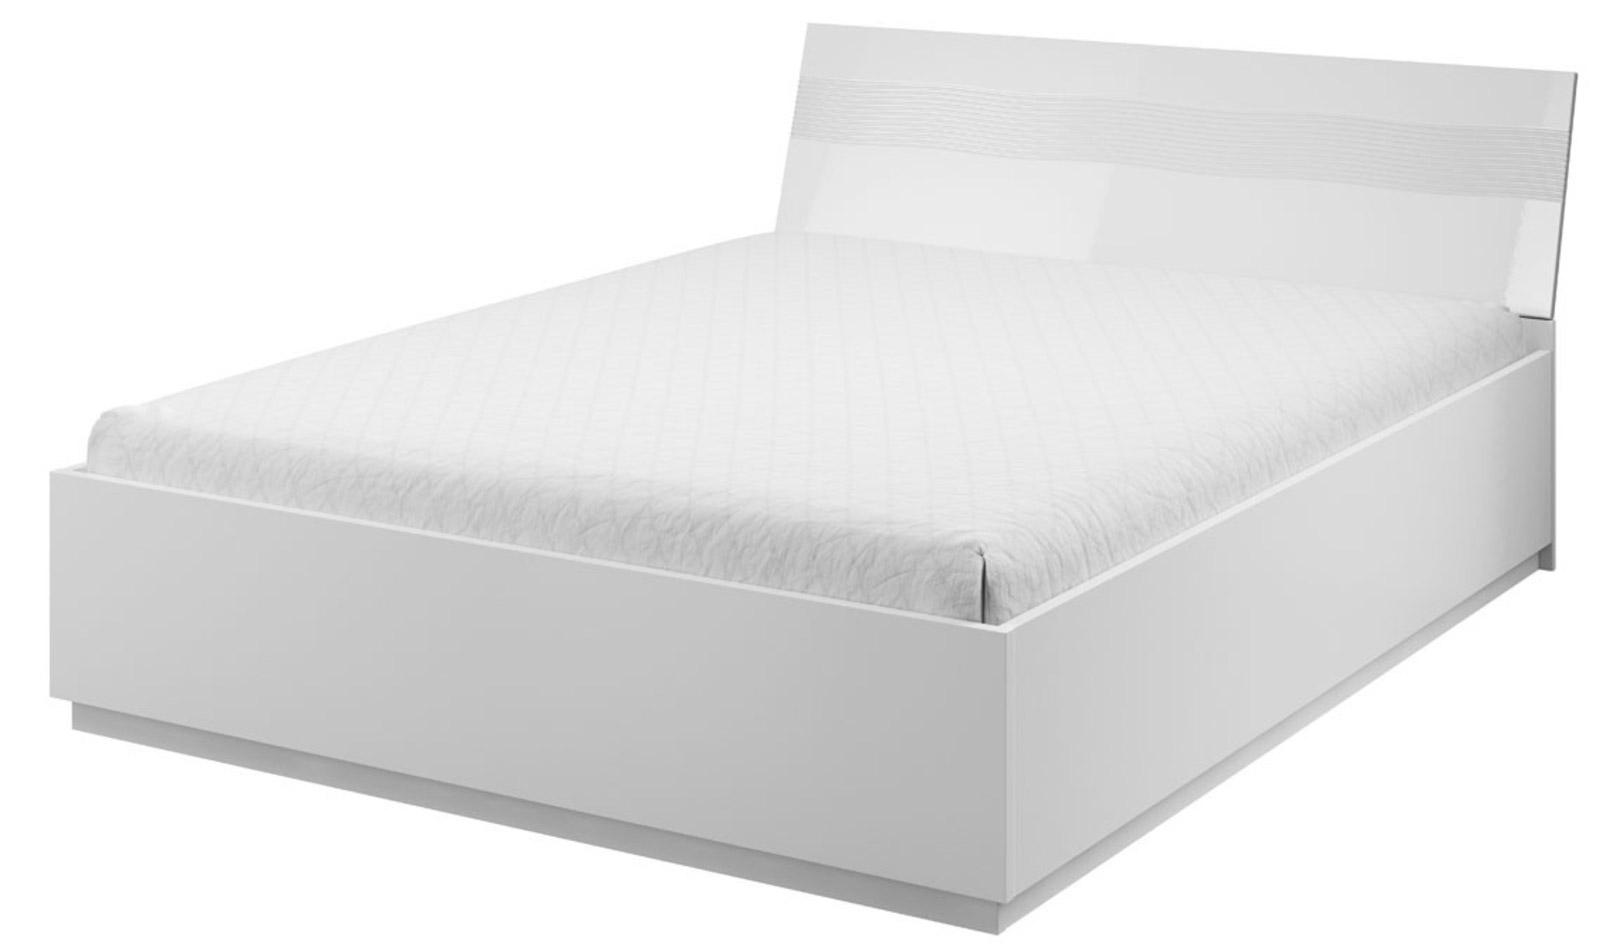 Bílá manželská postel s úložným prostorem All star AB 13